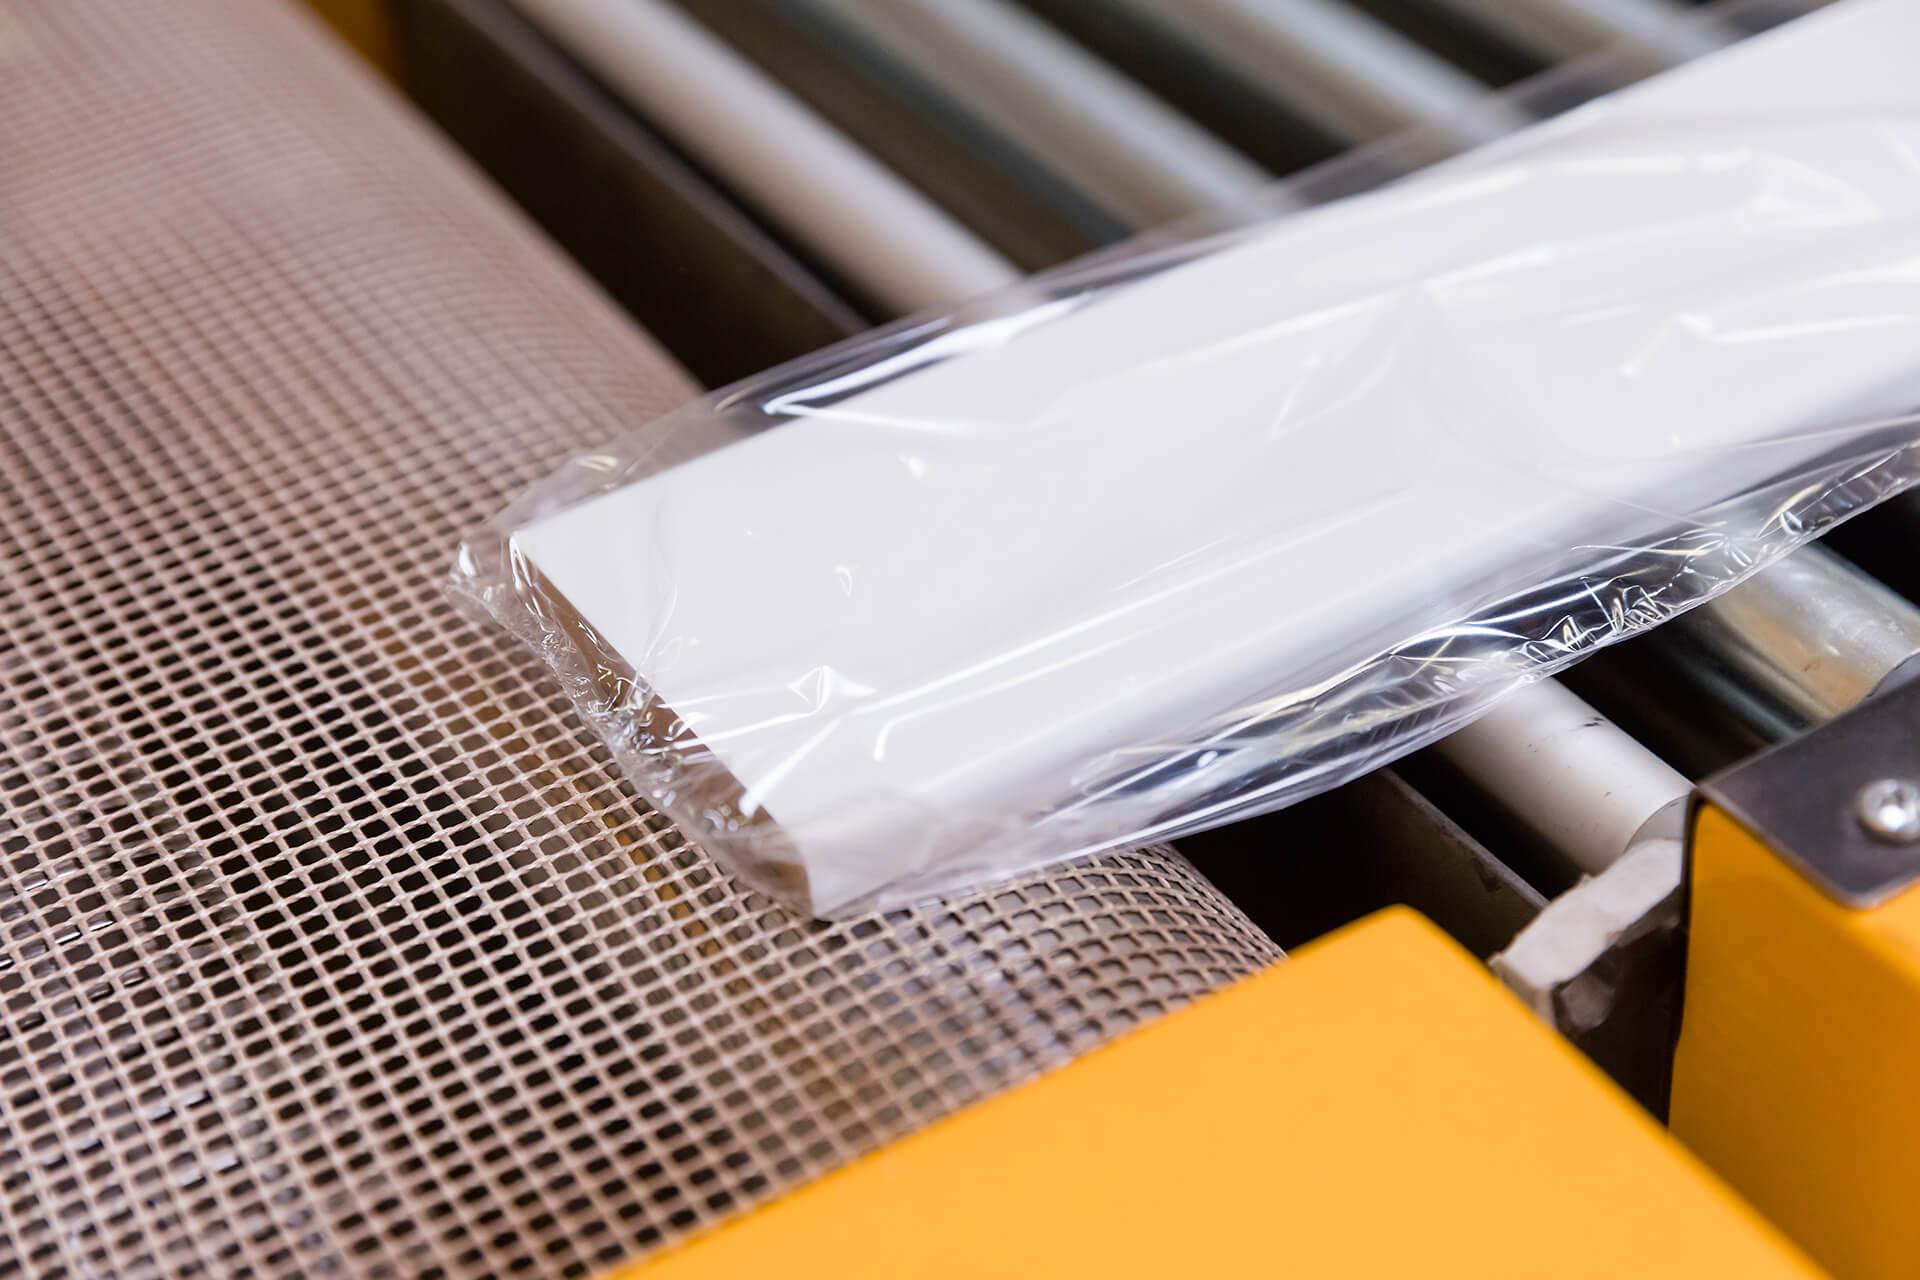 Gebrauchsfertige verpackte Streifen